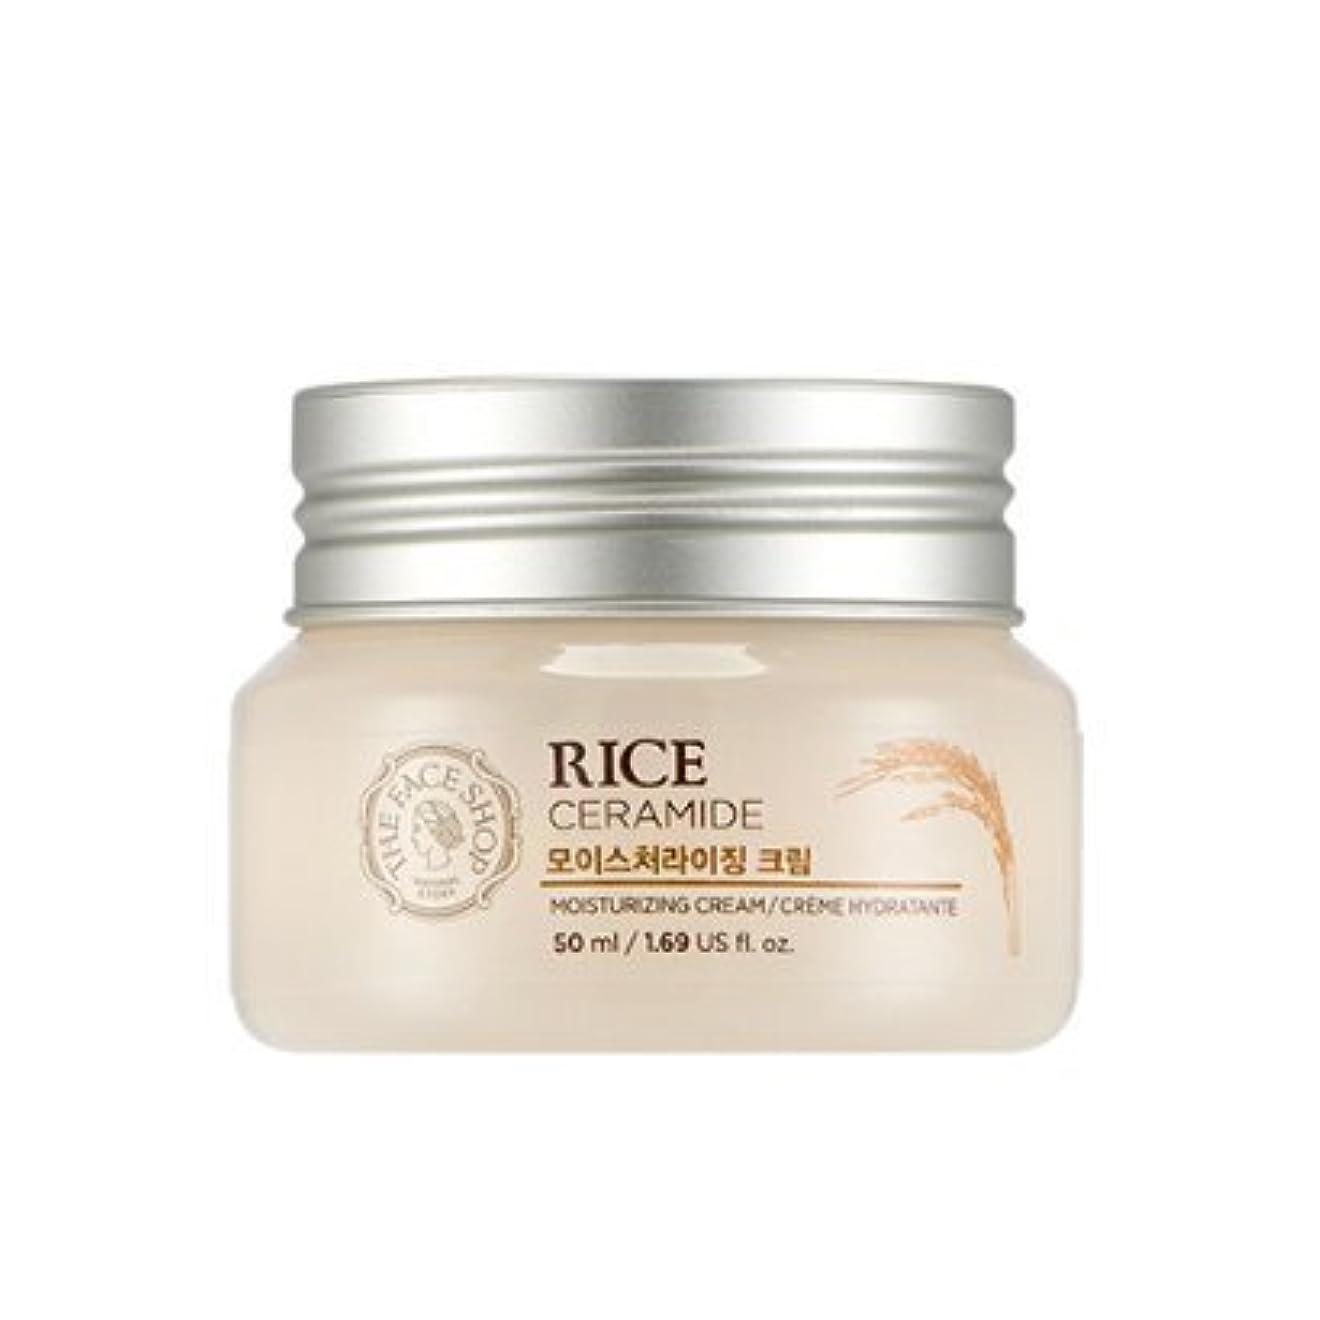 アフリカ可動悪名高いTHE FACE SHOP Rice & Ceramide Moisturizing Cream ザフェイスショップ ライス&セラミドモイスチャーライジングクリーム [並行輸入品]